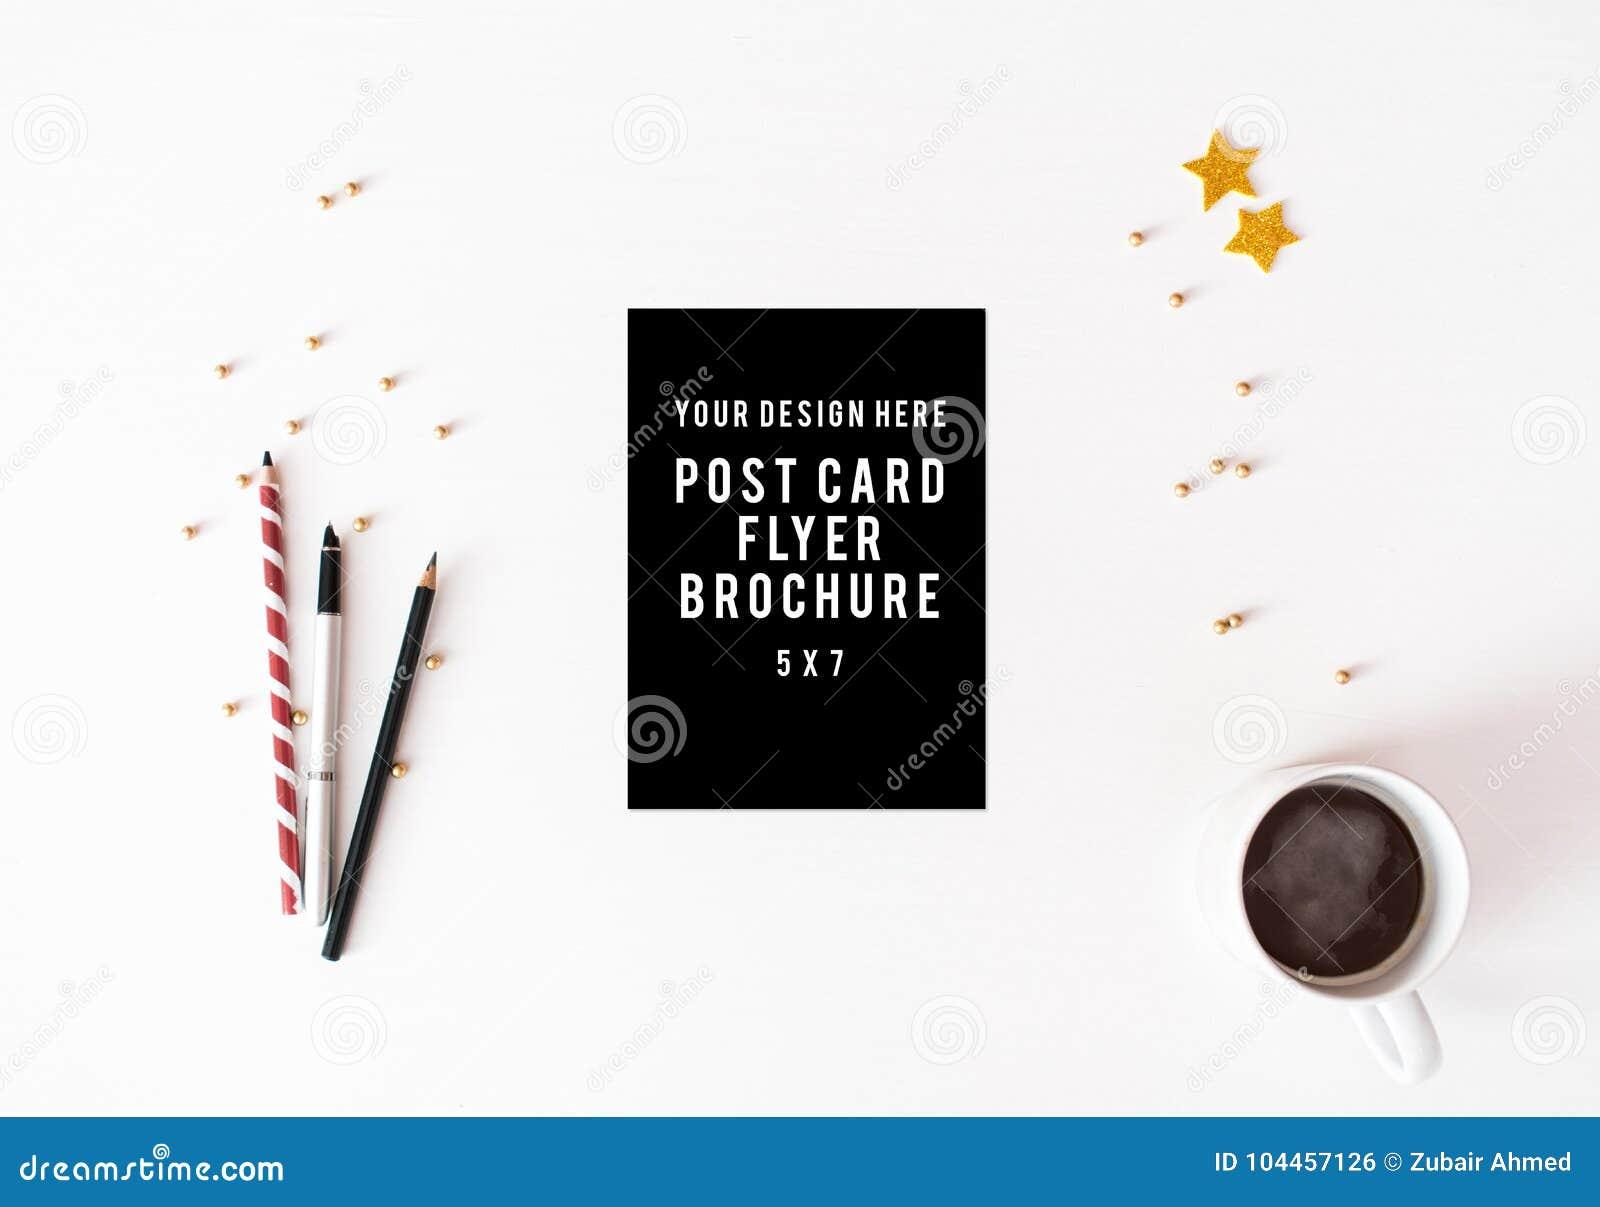 Tagebuchpostkartenflieger Weihnachtszusammensetzungshintergrund Tapete, Dekorationen, Verzierungen auf weißem Hintergrund